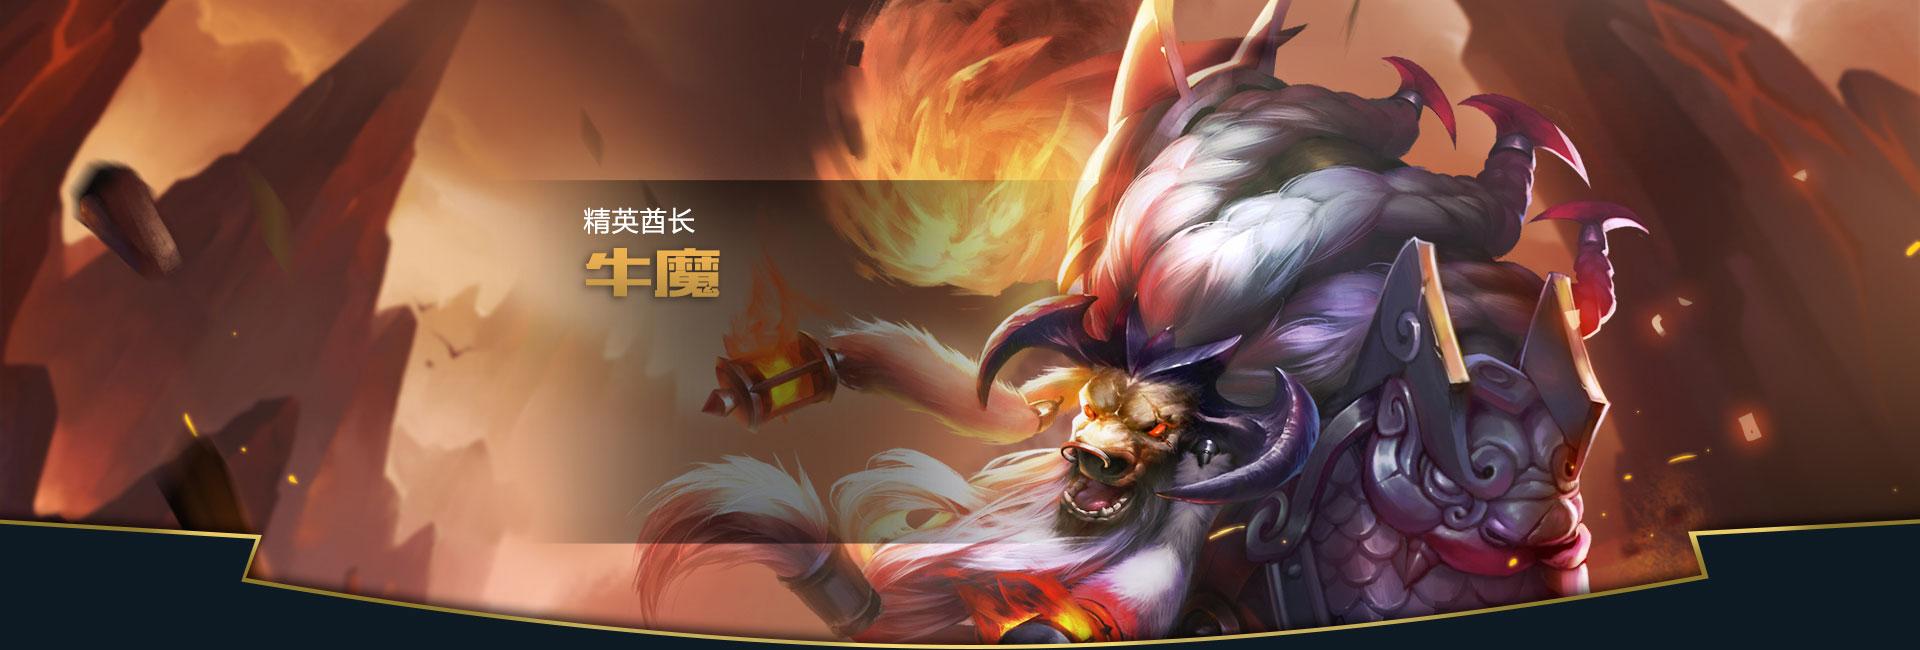 第2弹《王者荣耀英雄皮肤CG》竞技游戏124